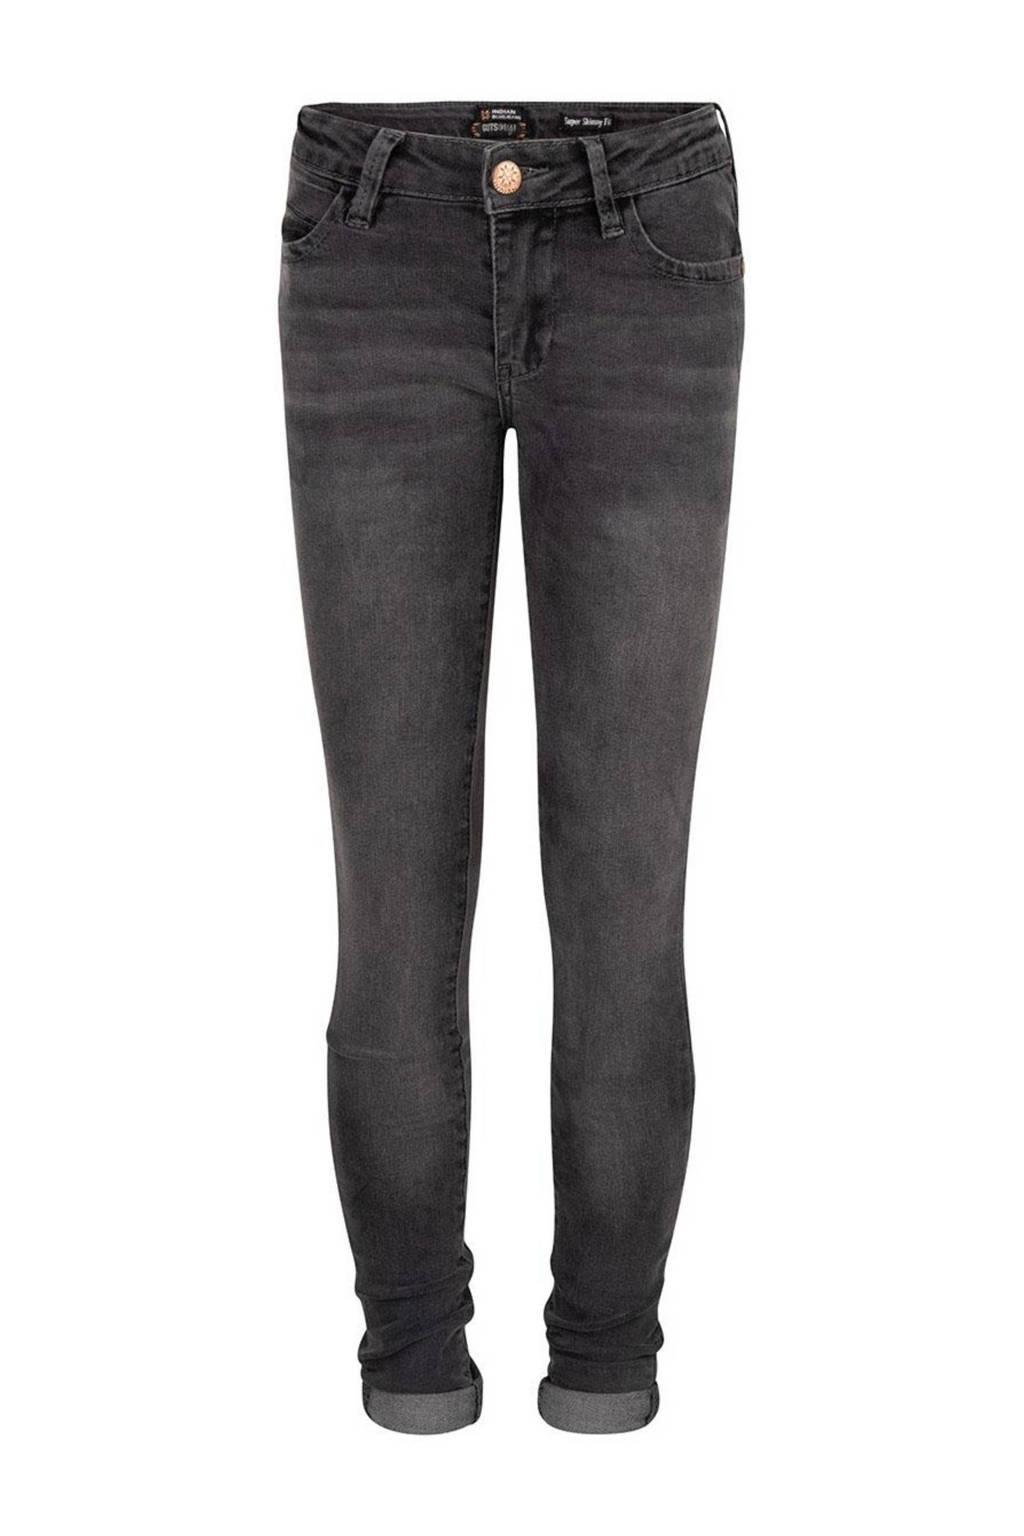 Indian Blue Jeans skinny jeans Jazz grey denim, Grey denim